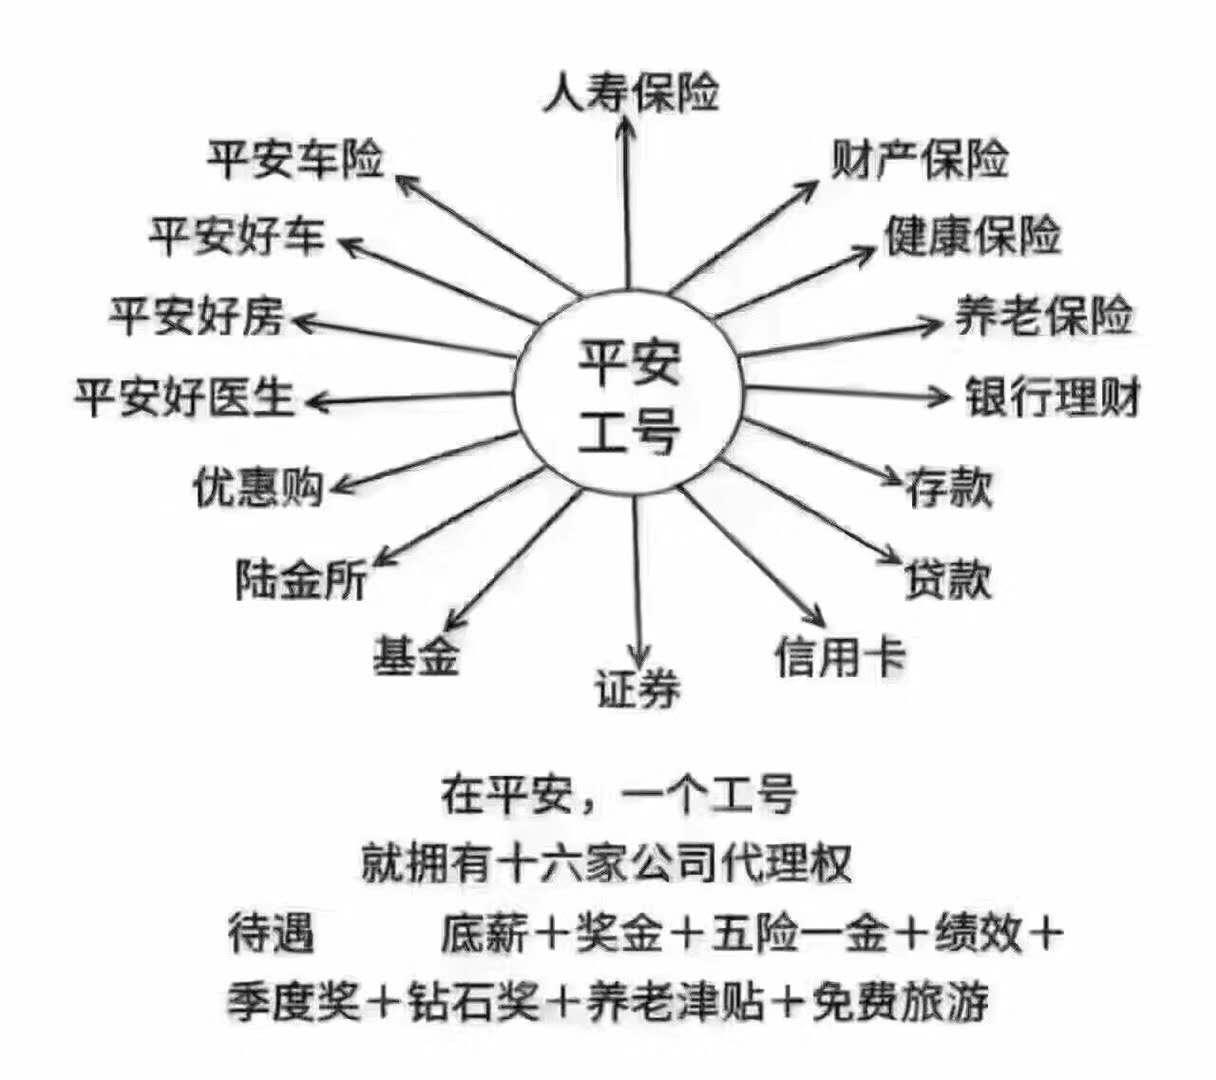 中国平安汕头区拓售后部